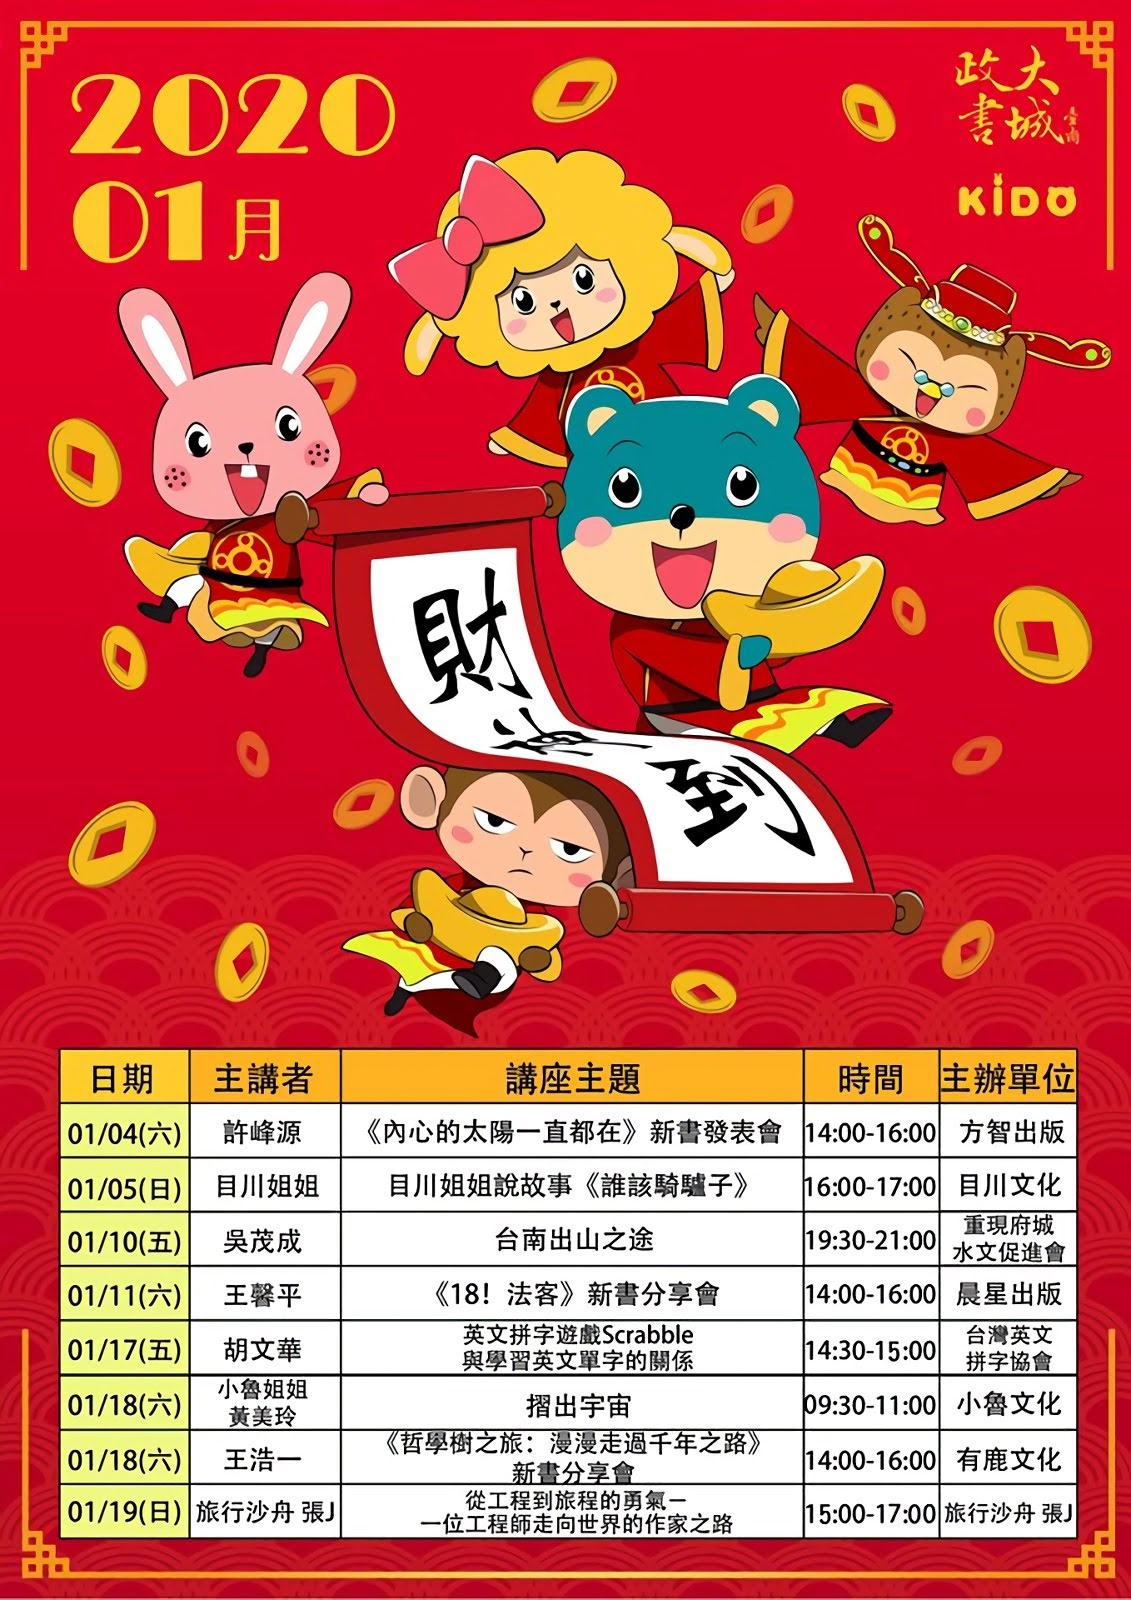 [活動] 台南政大書城 2020年1月份活動訊息